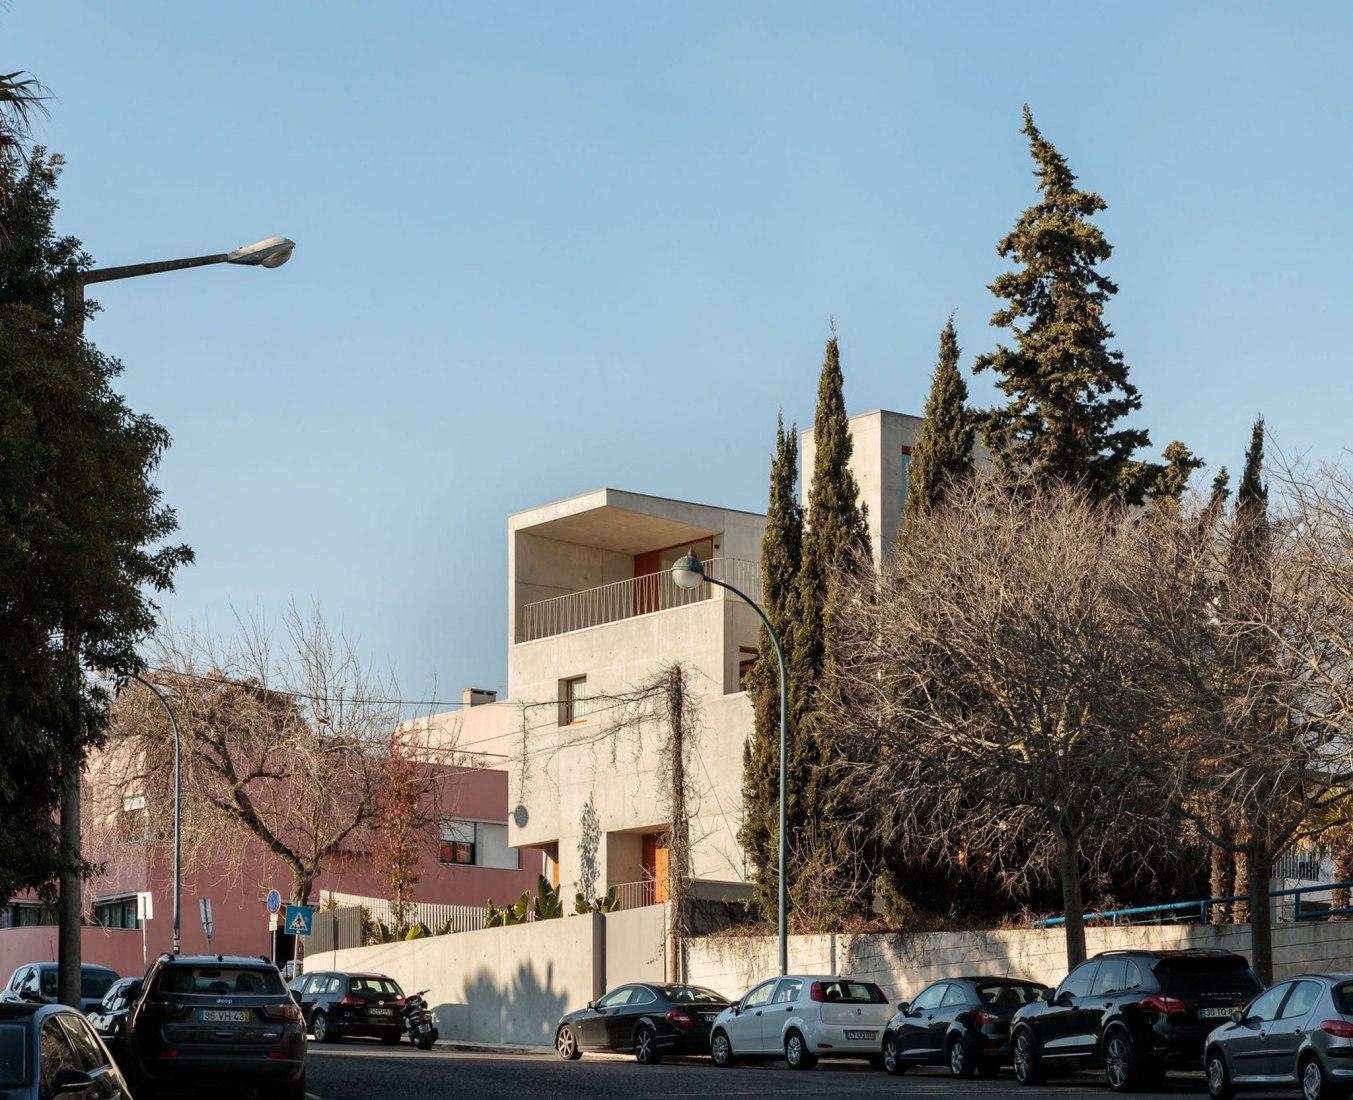 Casa en Restelo por Pedro Domingos. Fotografía por Francisco Nogueira